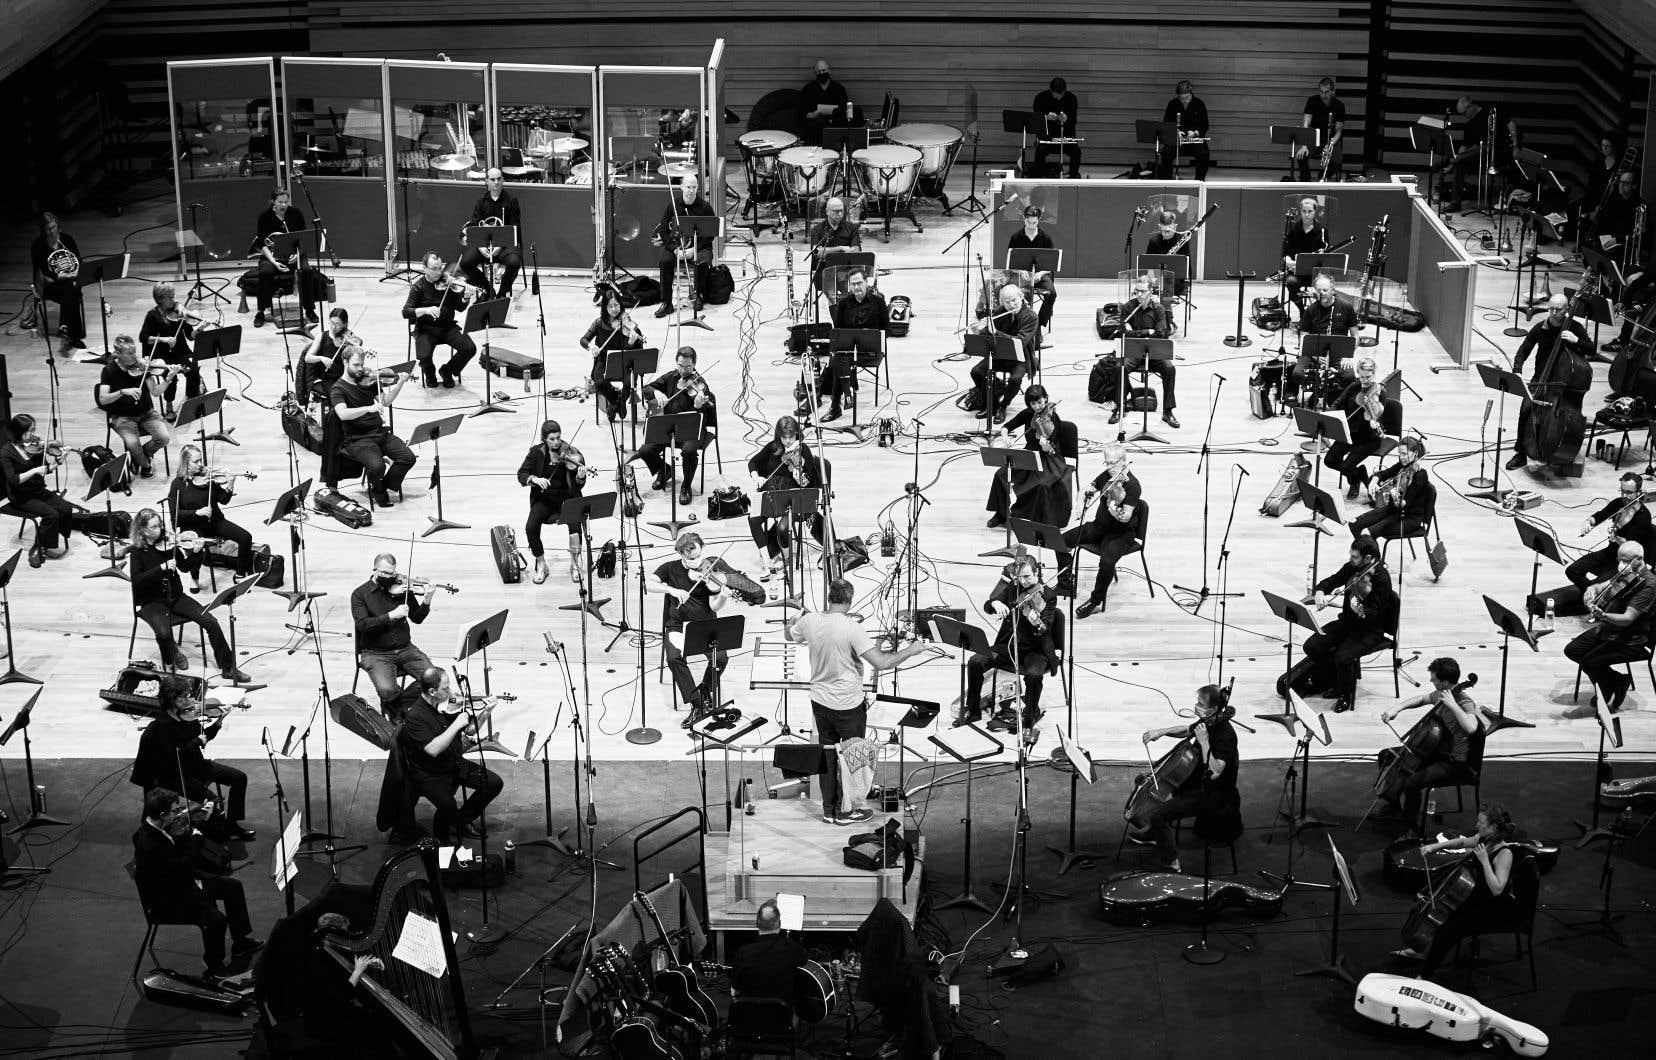 Transformer les chansons du groupe folk rock Harmonium en une symphonie, tel est le défi que se sont lancé le président de GSI Musique, Nicolas Lemieux, et l'orchestrateur, arrangeur, chef d'orchestre et compositeur Simon Leclerc, qui ont enregistré ce nouvel album avec l'OSM.